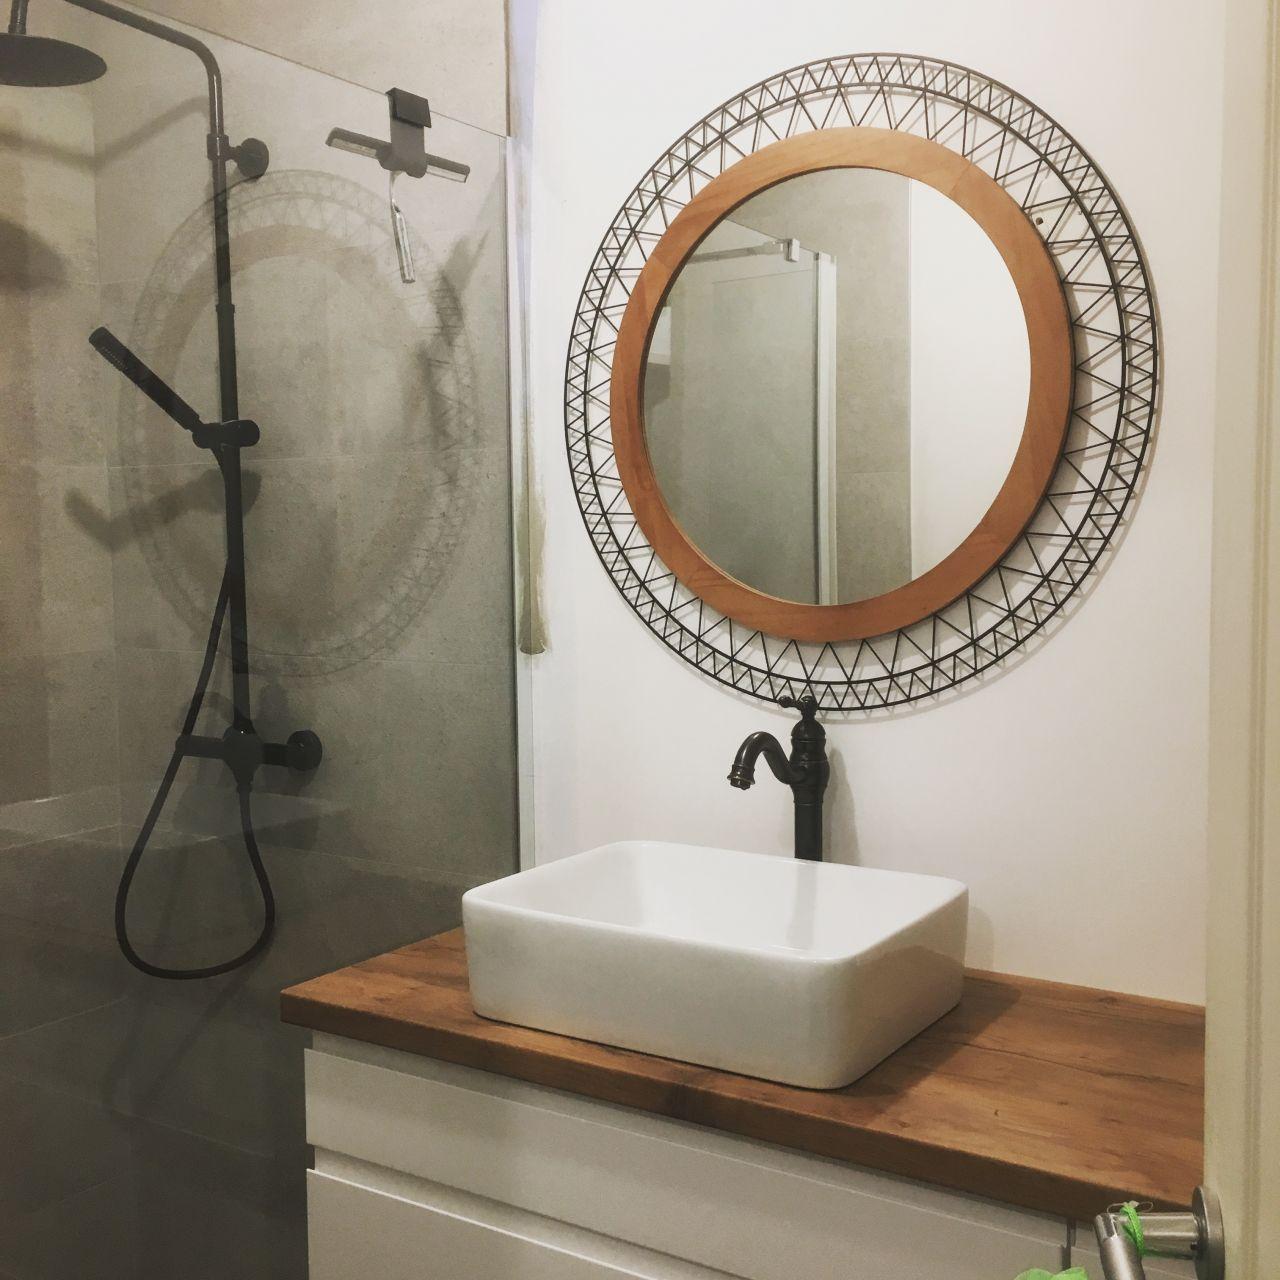 Avancement de la SDB avec pose du lavabo et du robinet